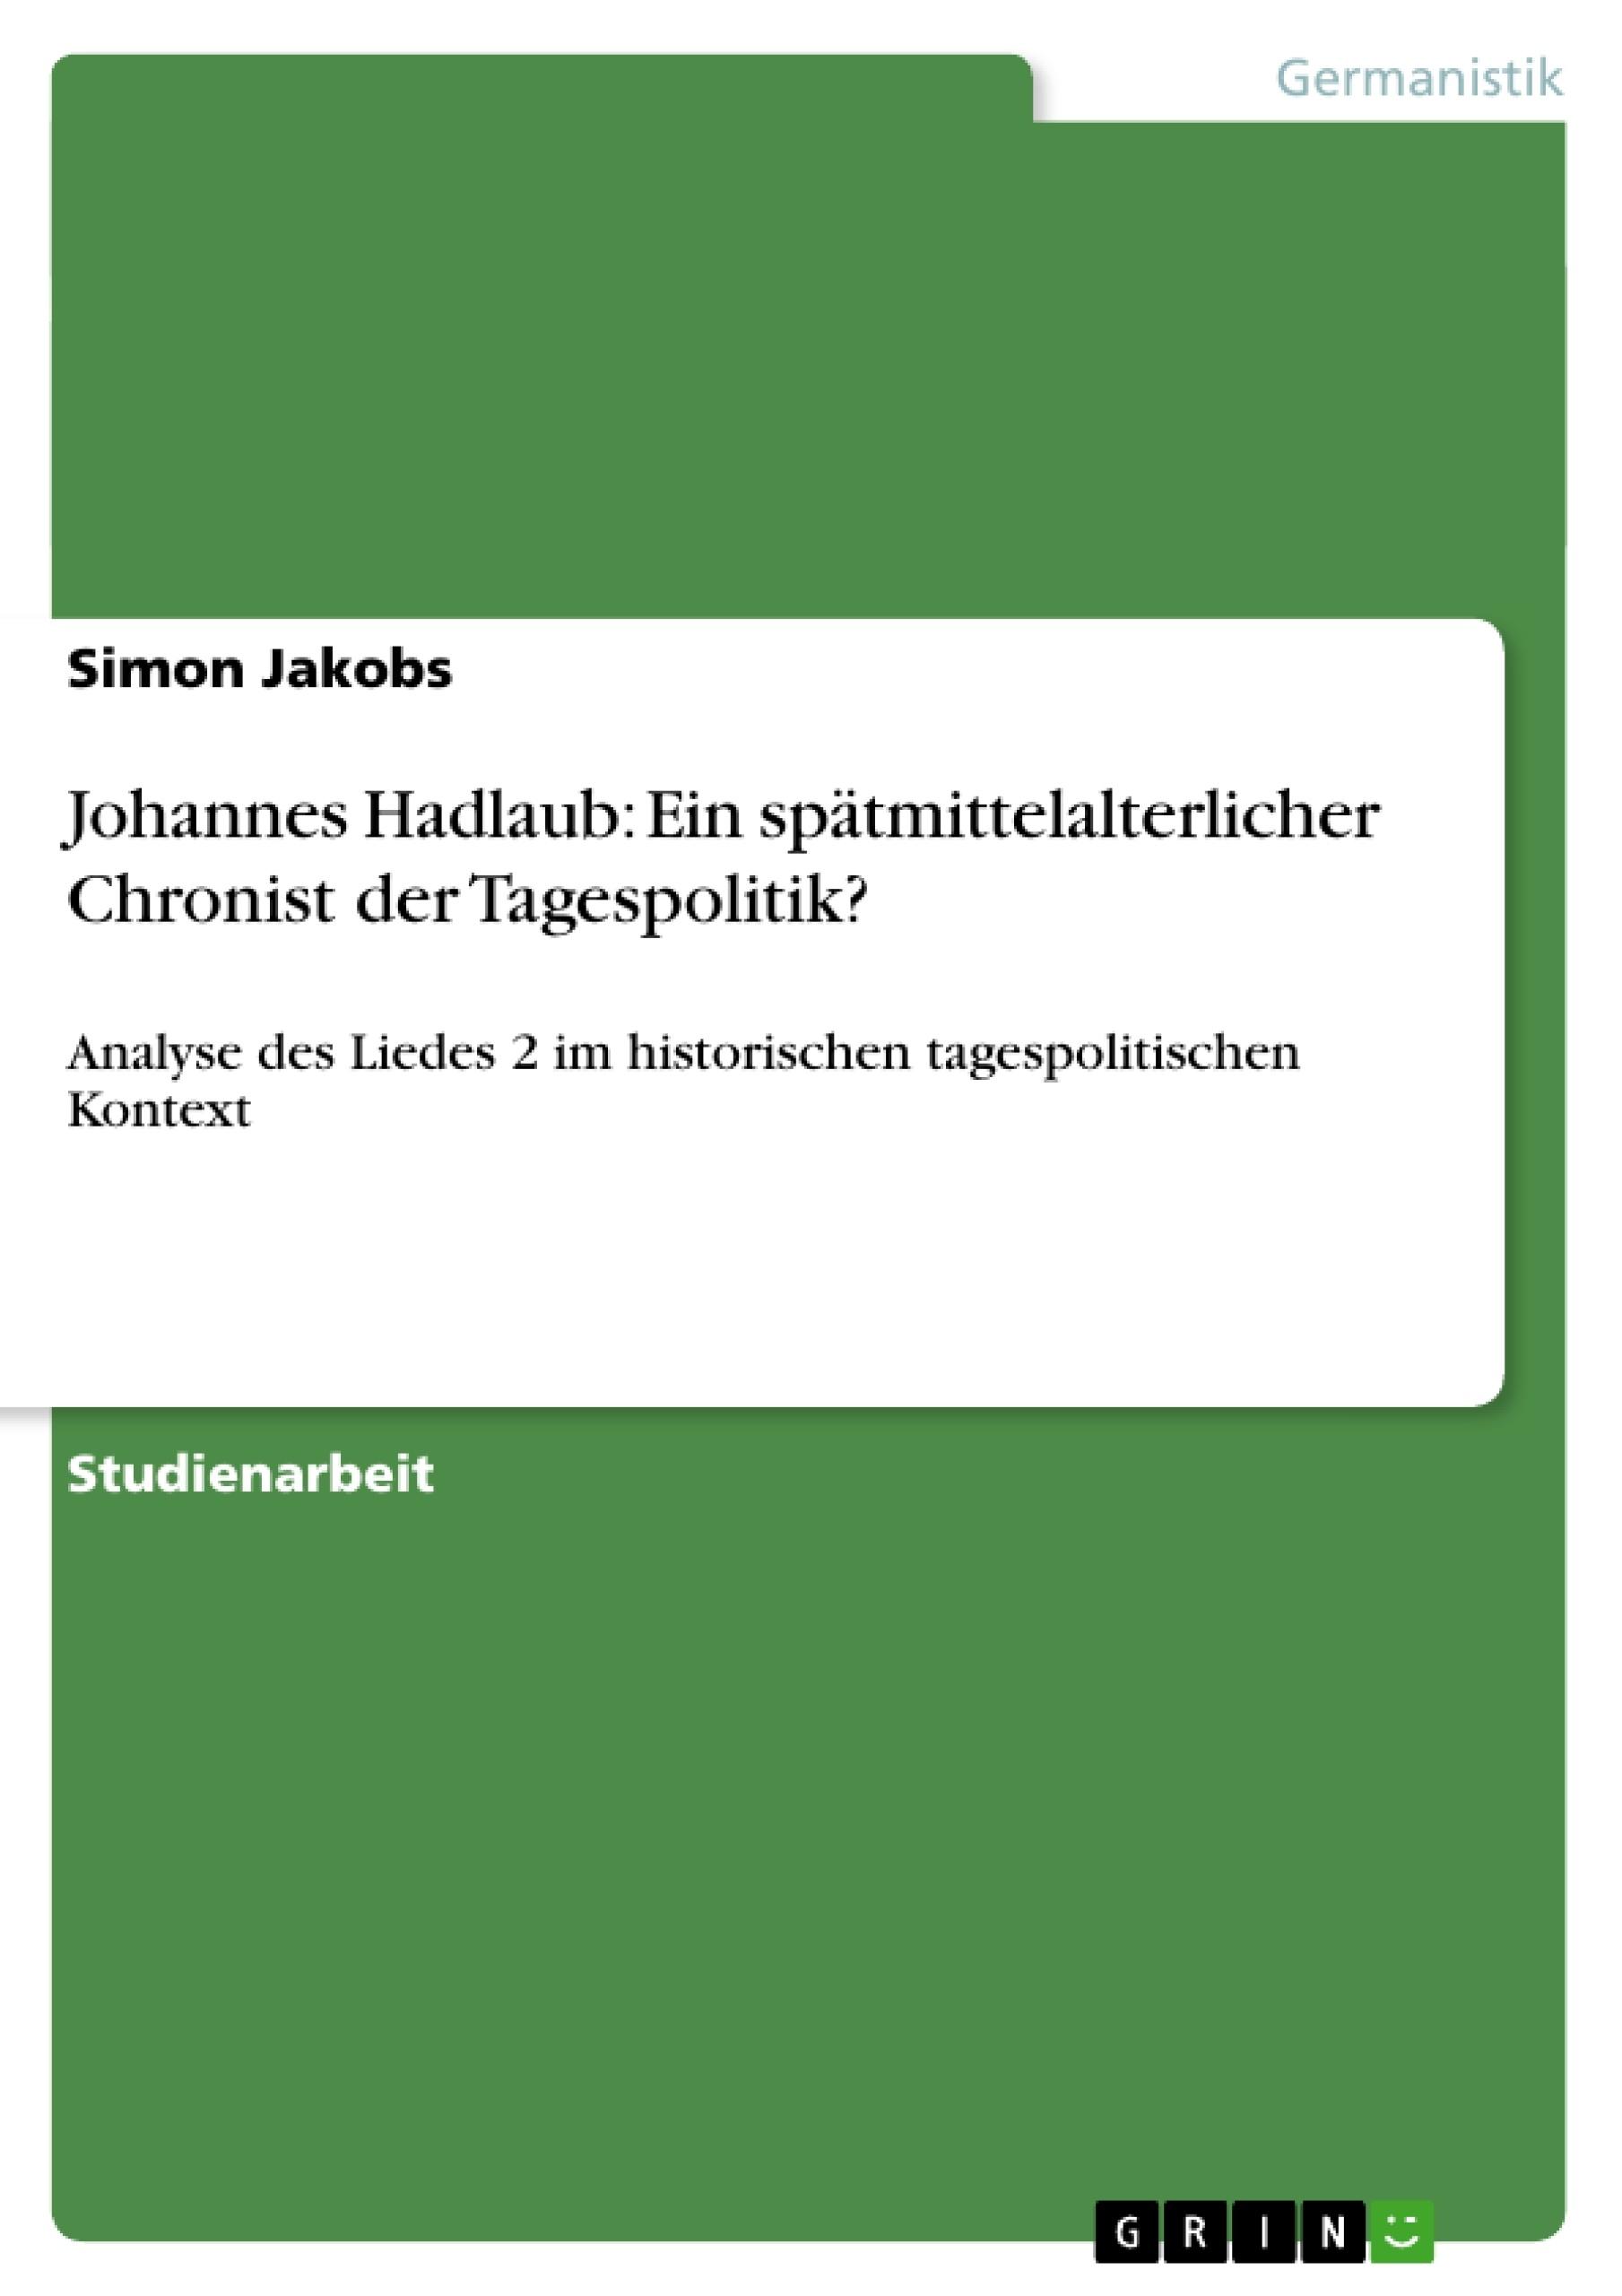 Titel: Johannes Hadlaub: Ein spätmittelalterlicher Chronist der Tagespolitik?